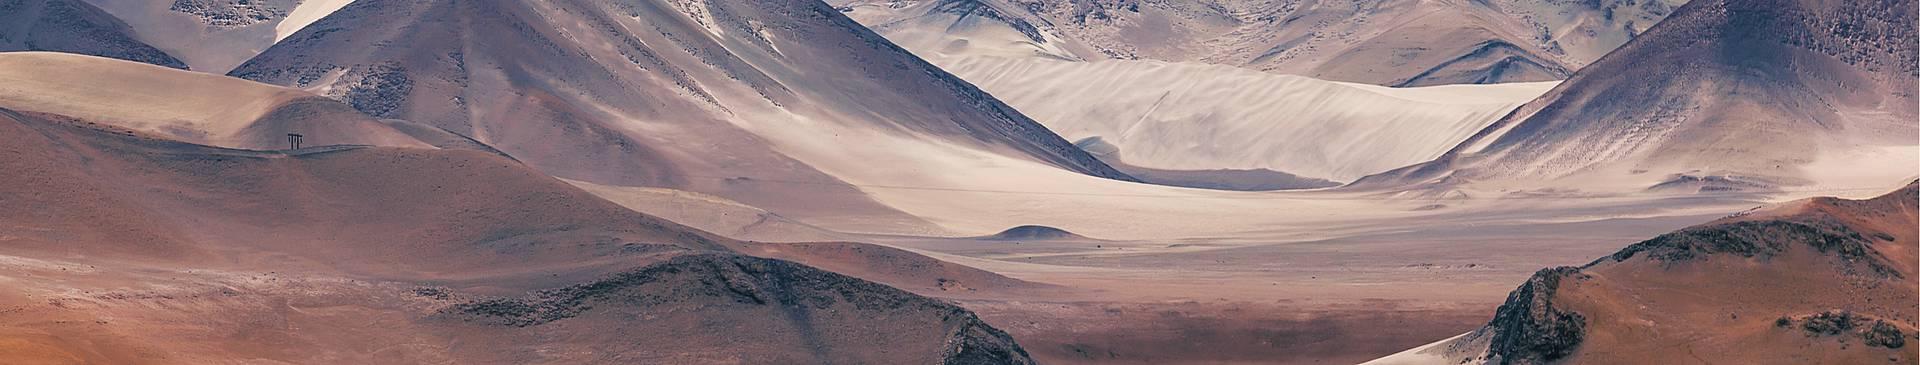 Wüstentour Peru